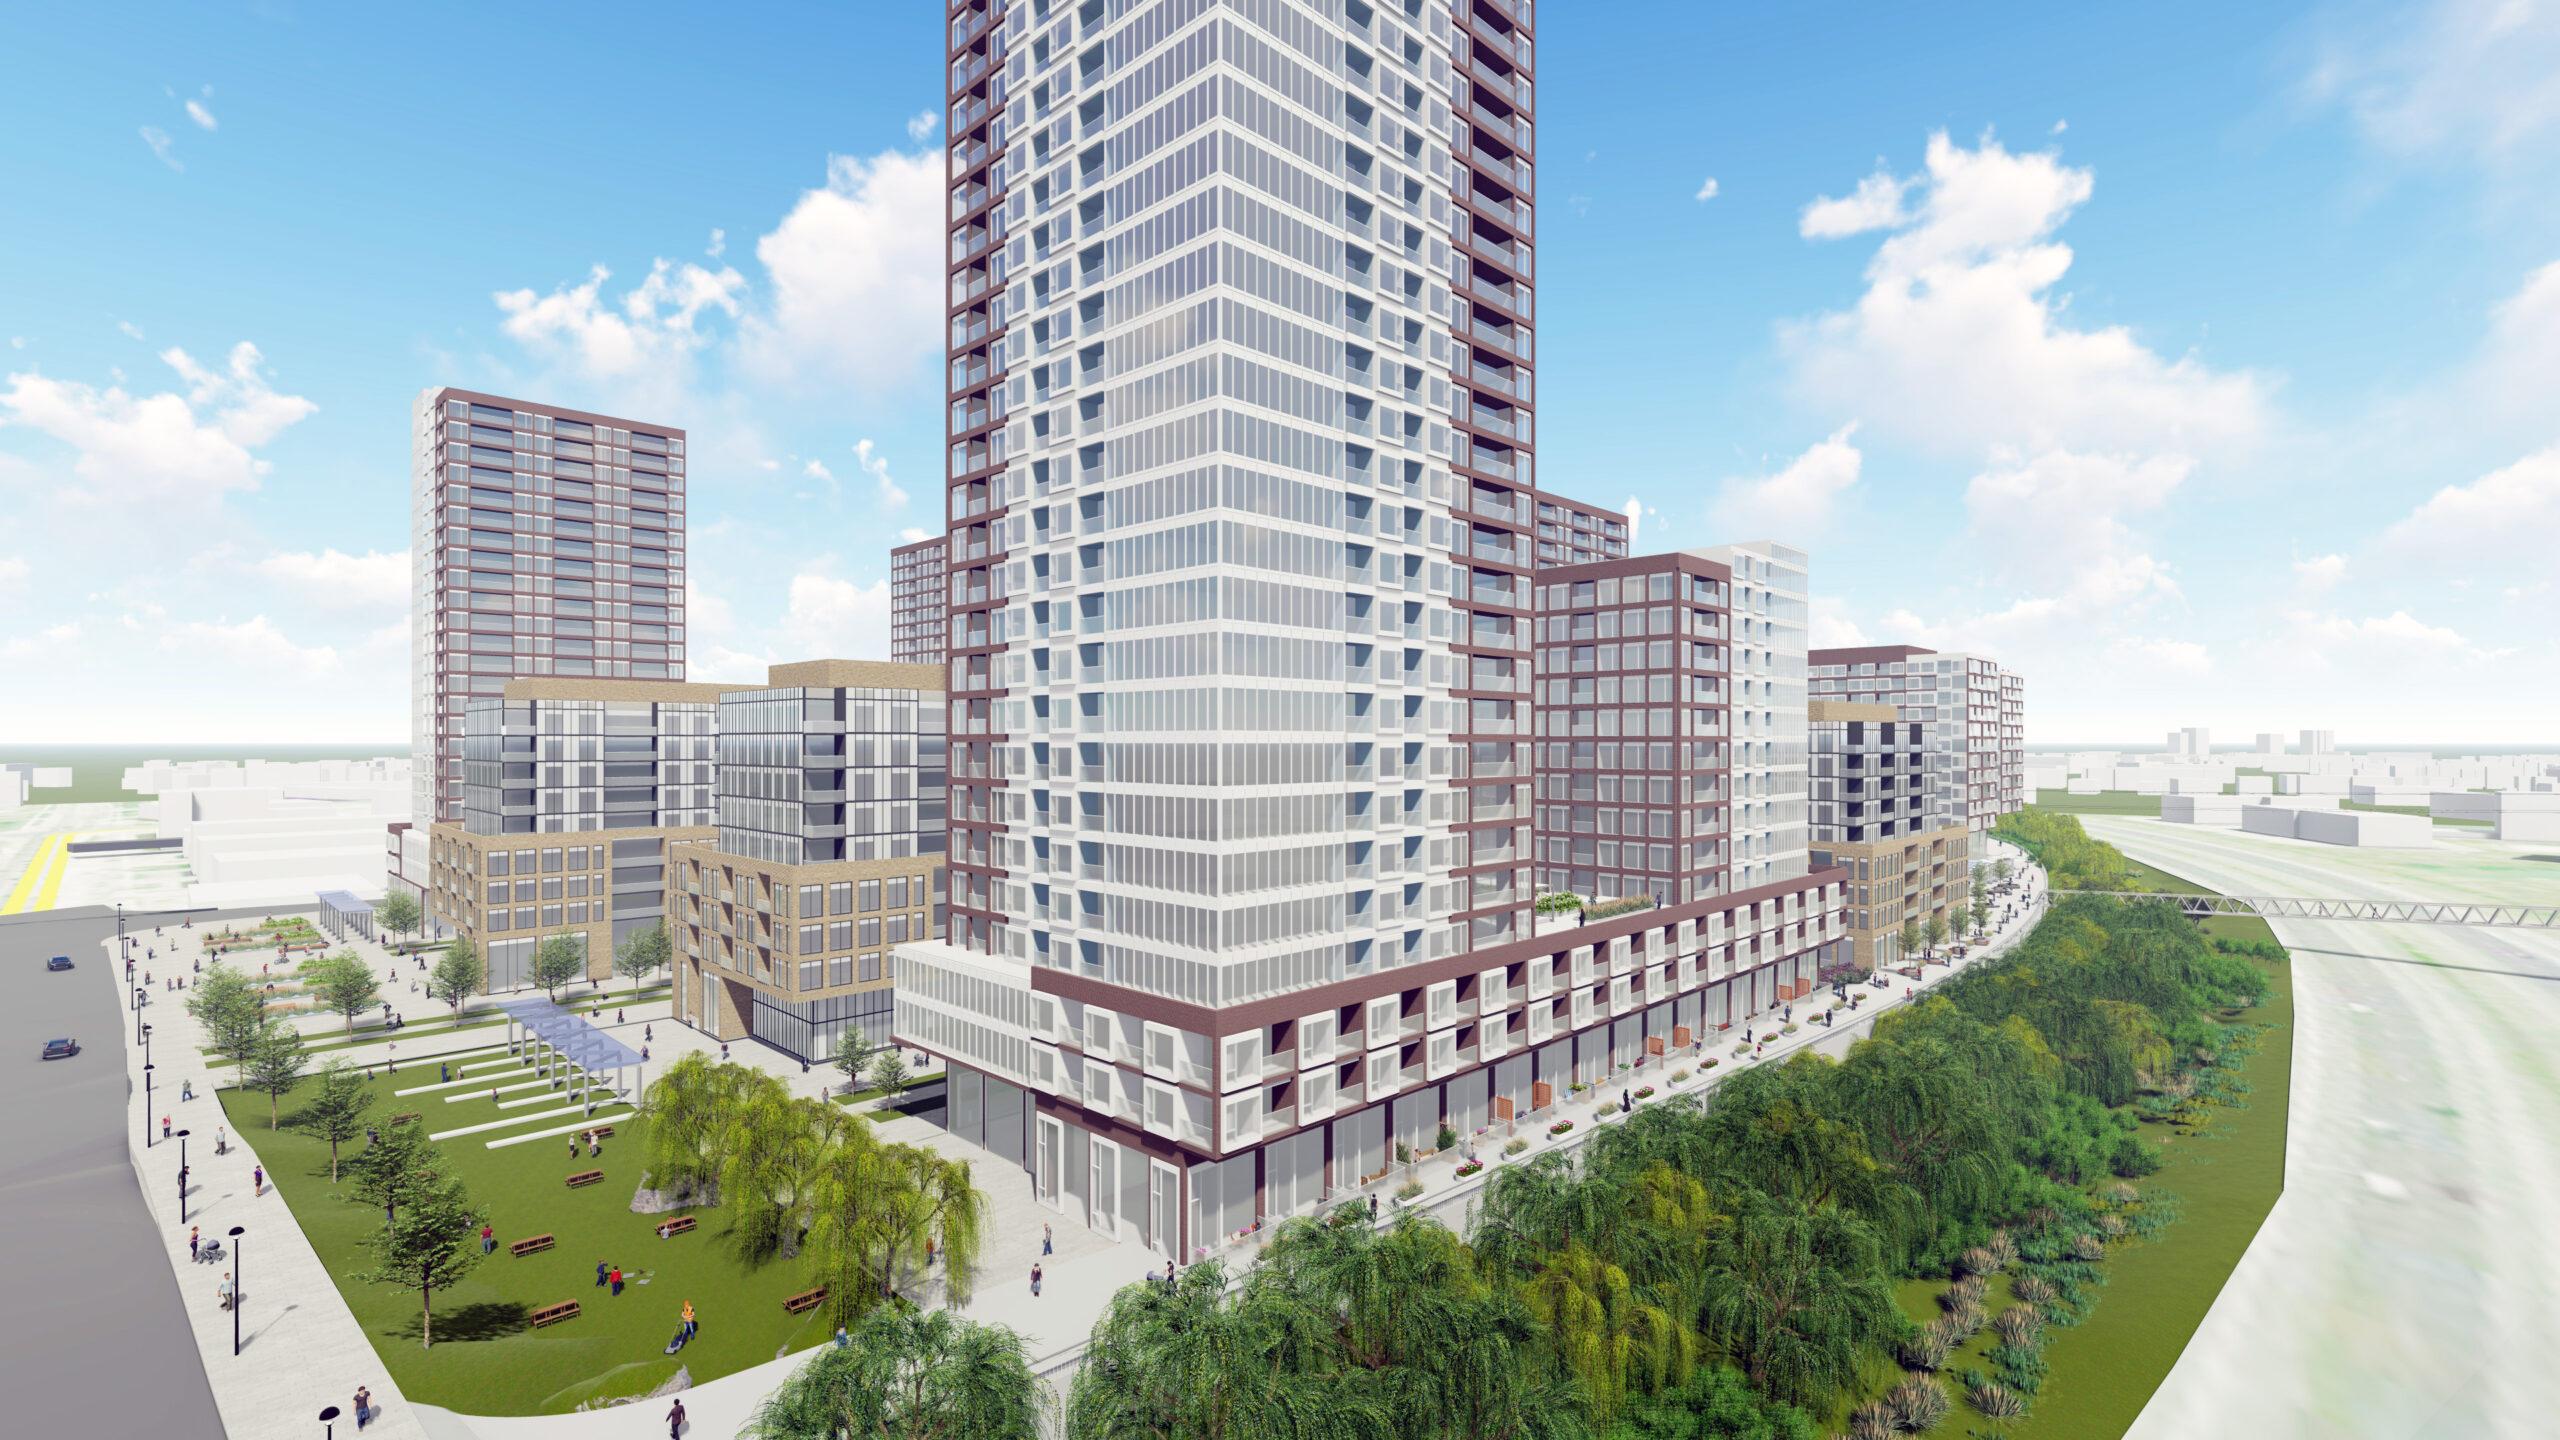 Kraus lands redevelopment